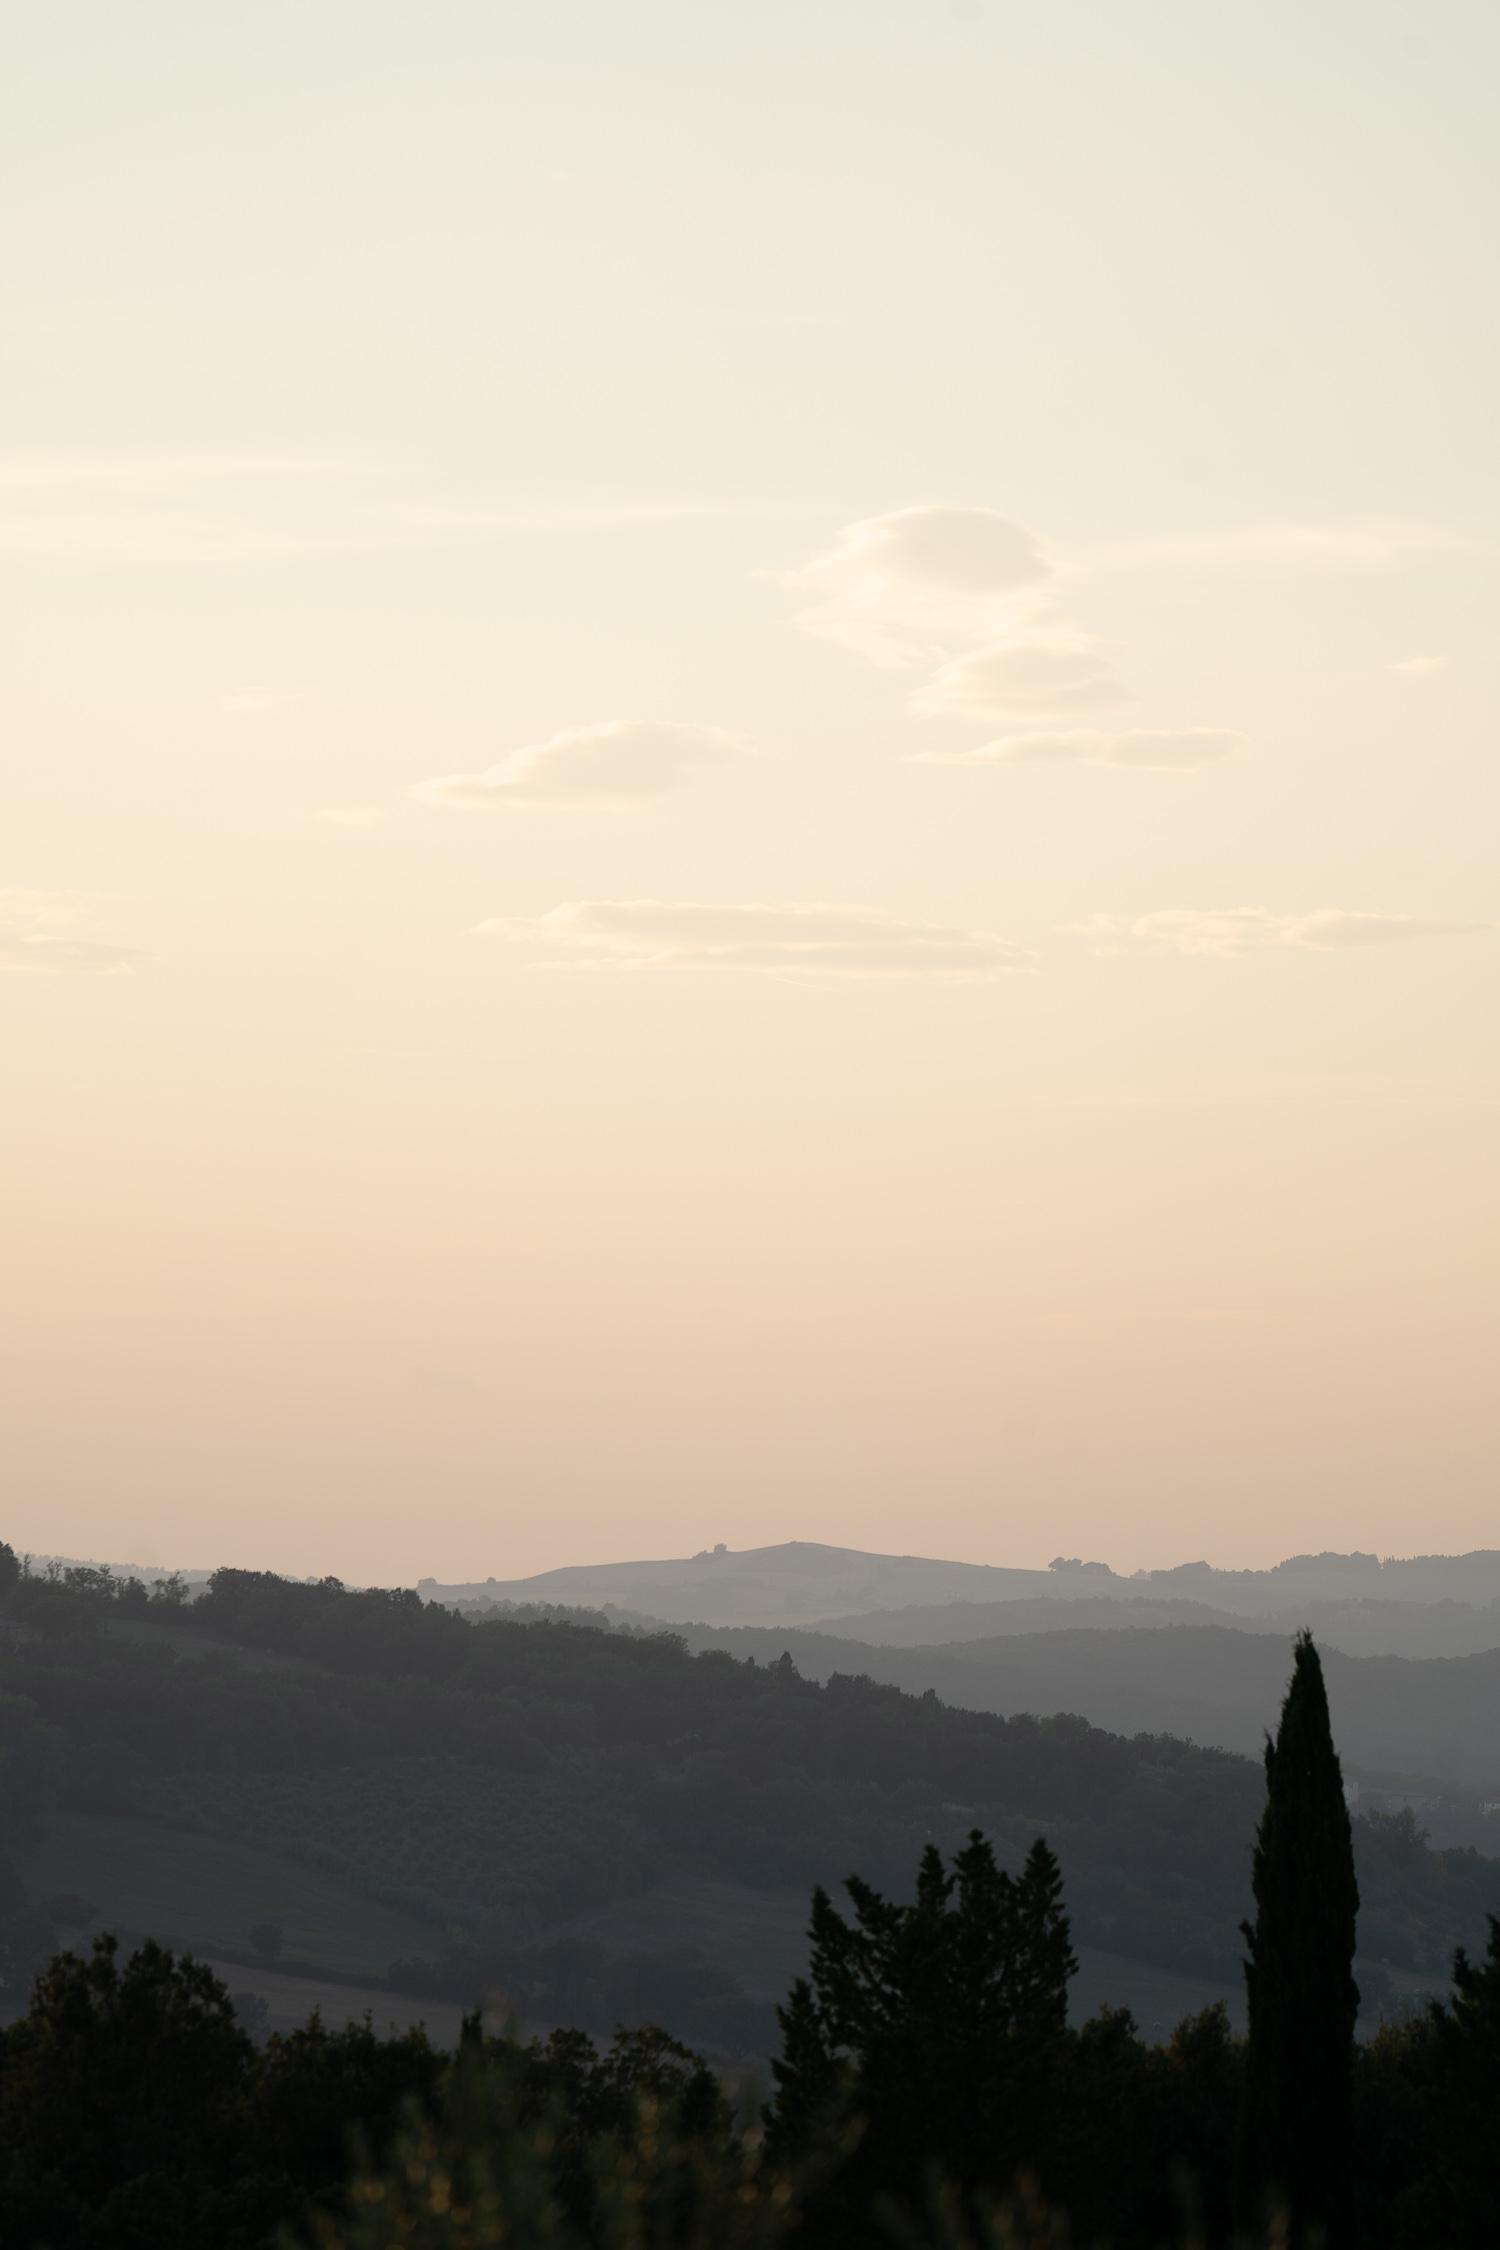 Tuscany-landscape-misty-01879.jpg